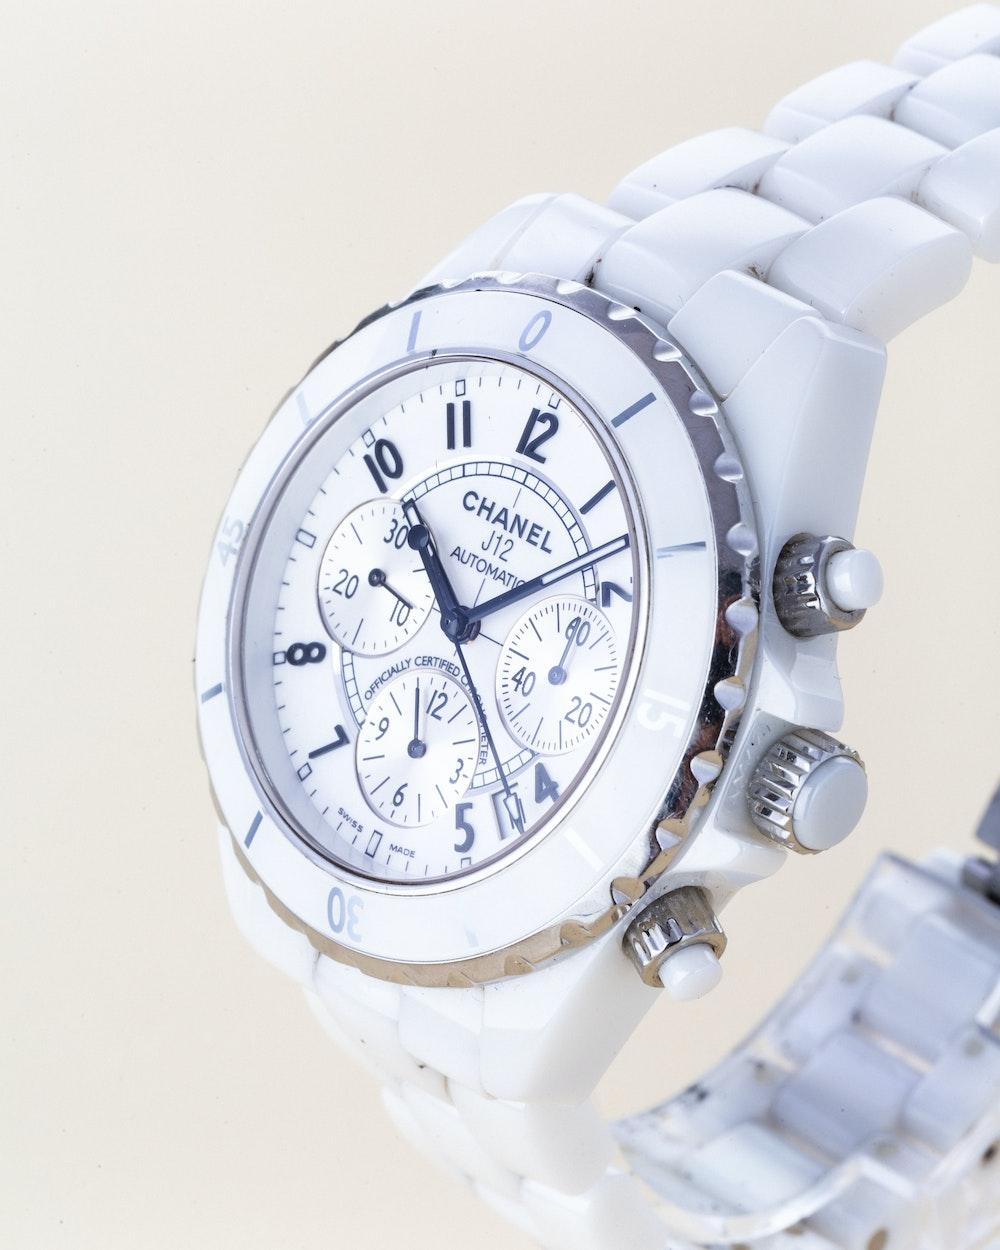 011 170718 Vivrelle Product1771